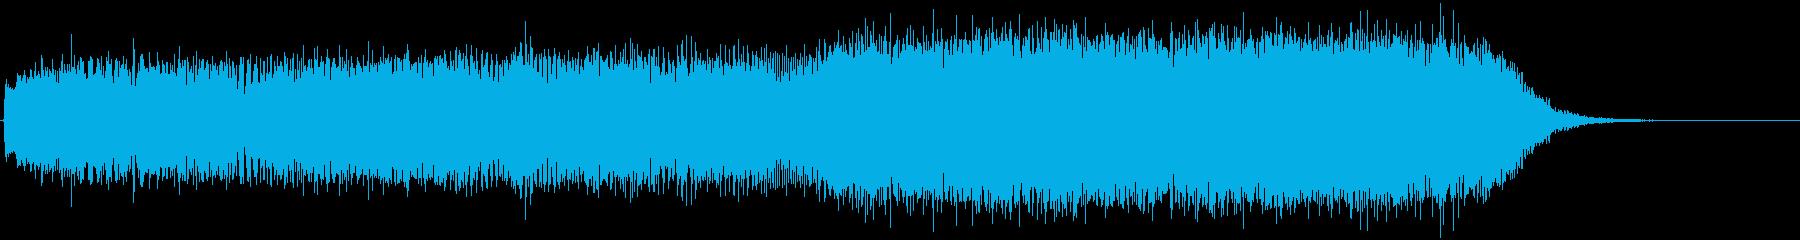 キュイーン…シュピン!(瞬間移動)の再生済みの波形